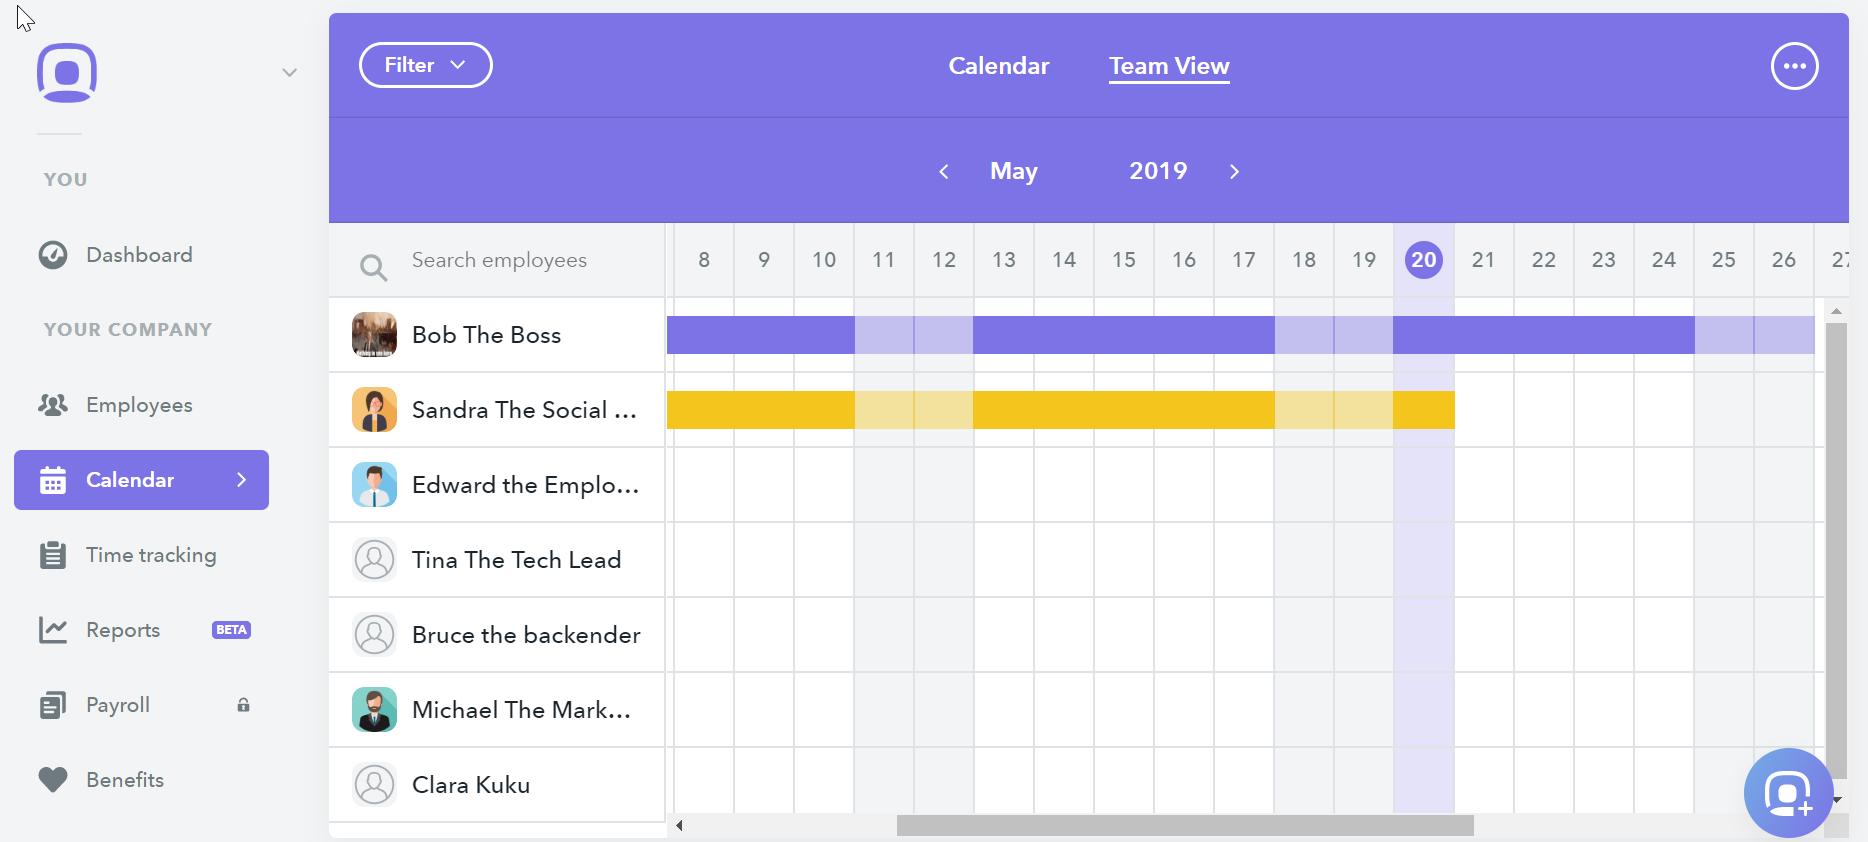 hr software calendar